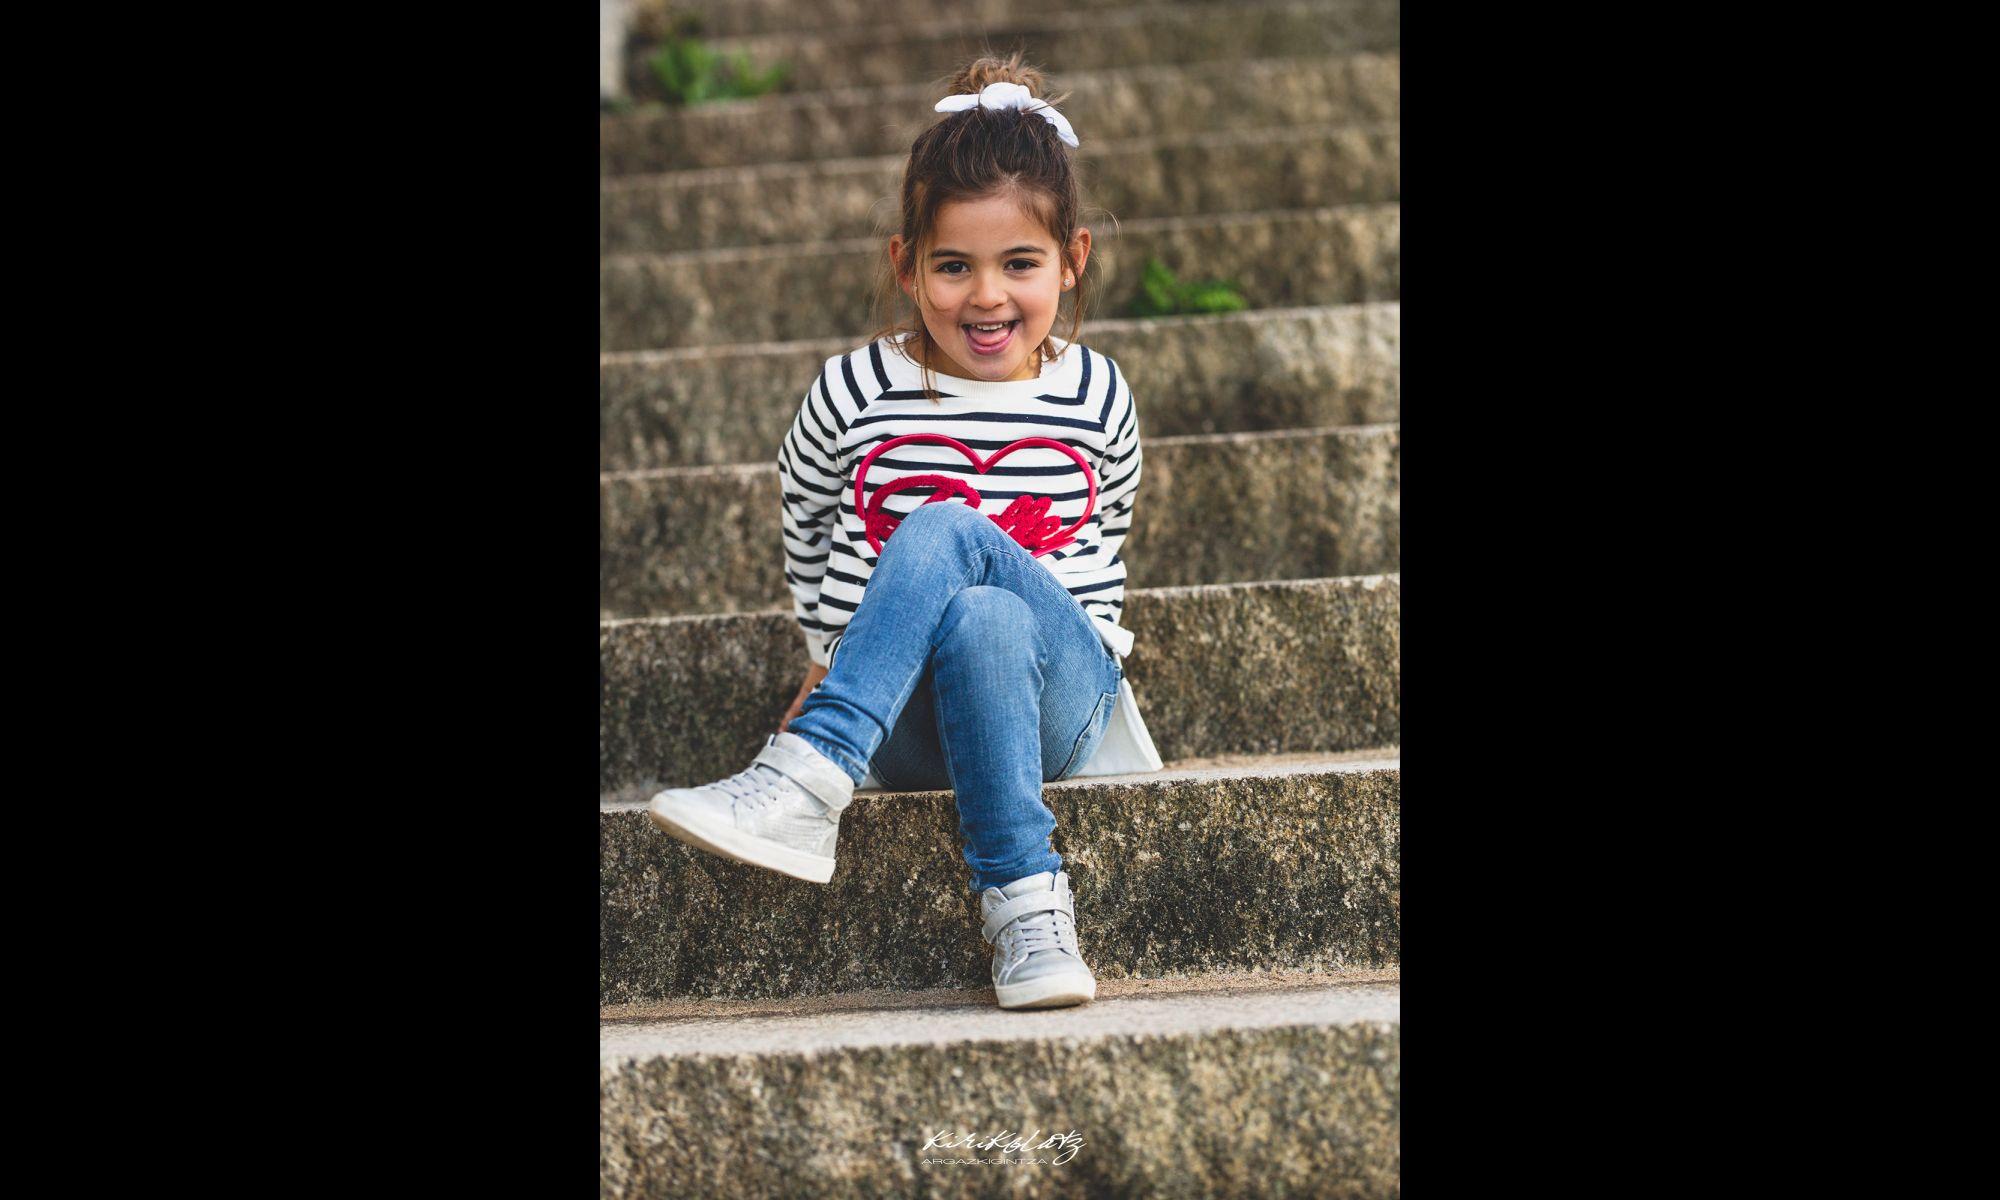 Fotografia Infantil Bizkaia Sesiones Familias Fotografa Kirikolatz